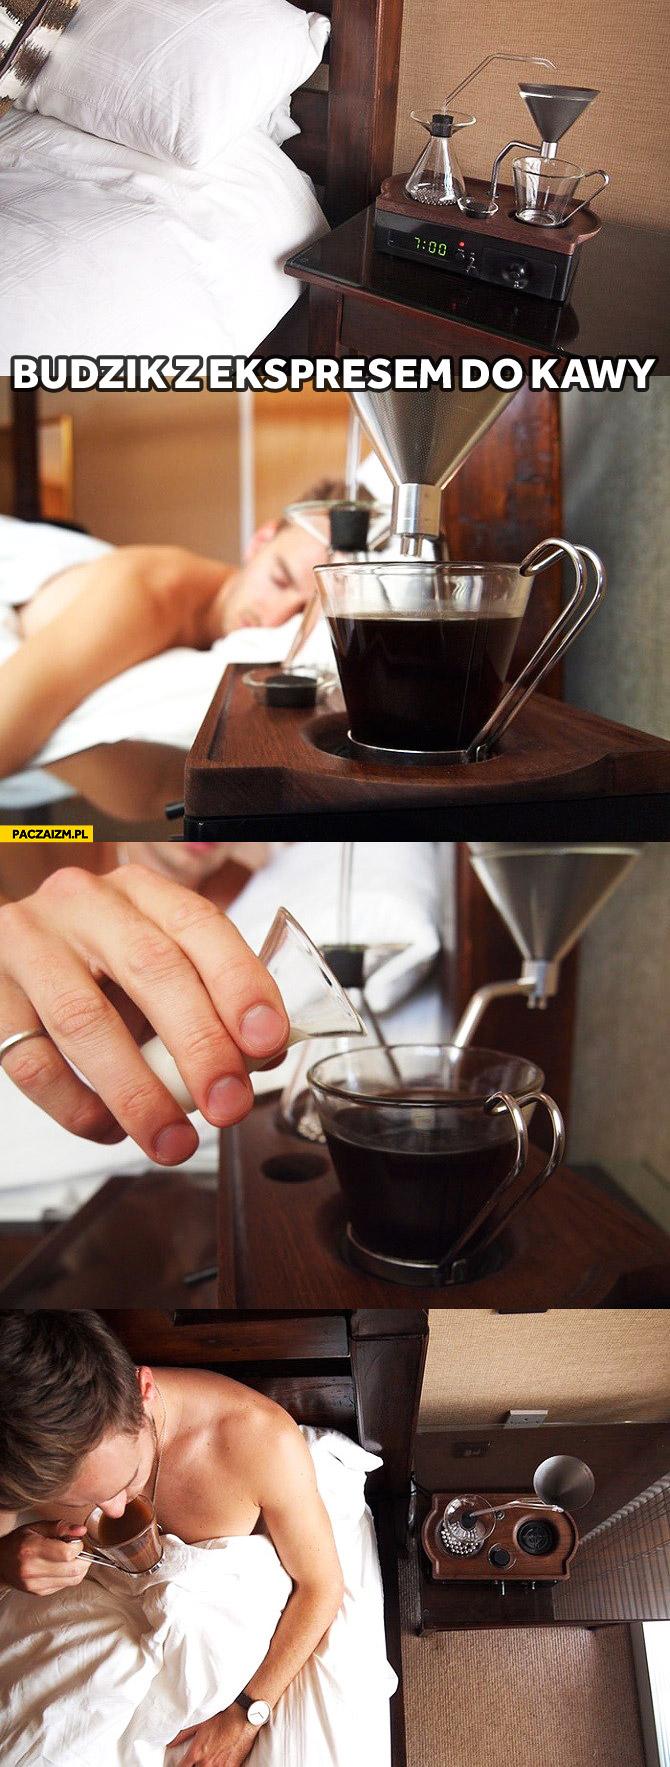 Budzik z ekspresem do kawy